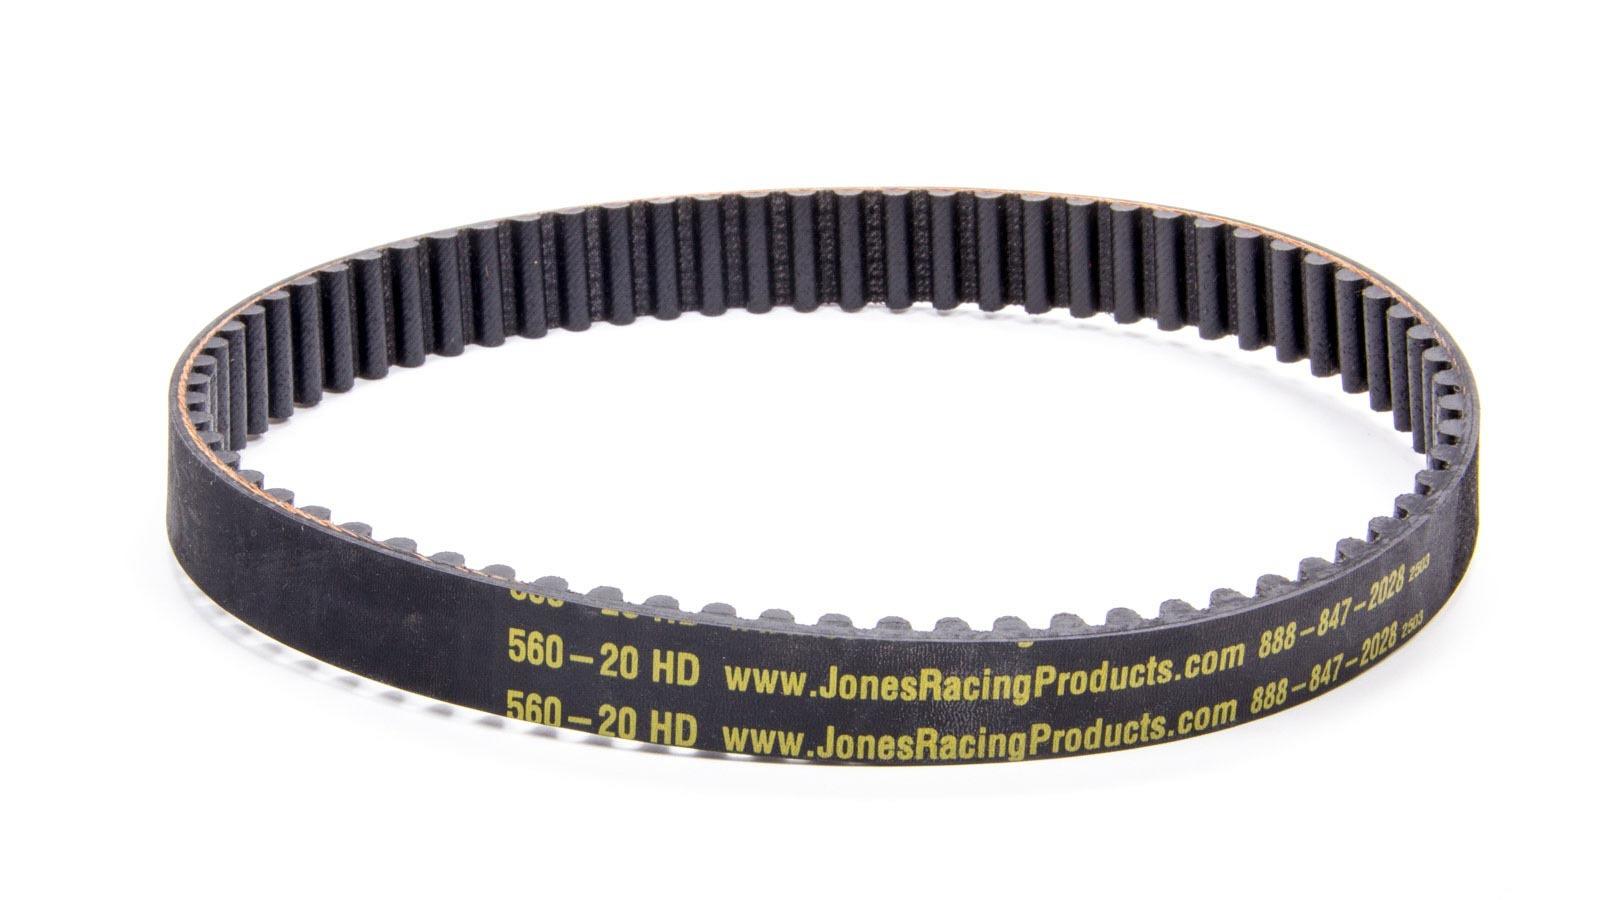 HTD Belt 30.551in Long 20mm Wide